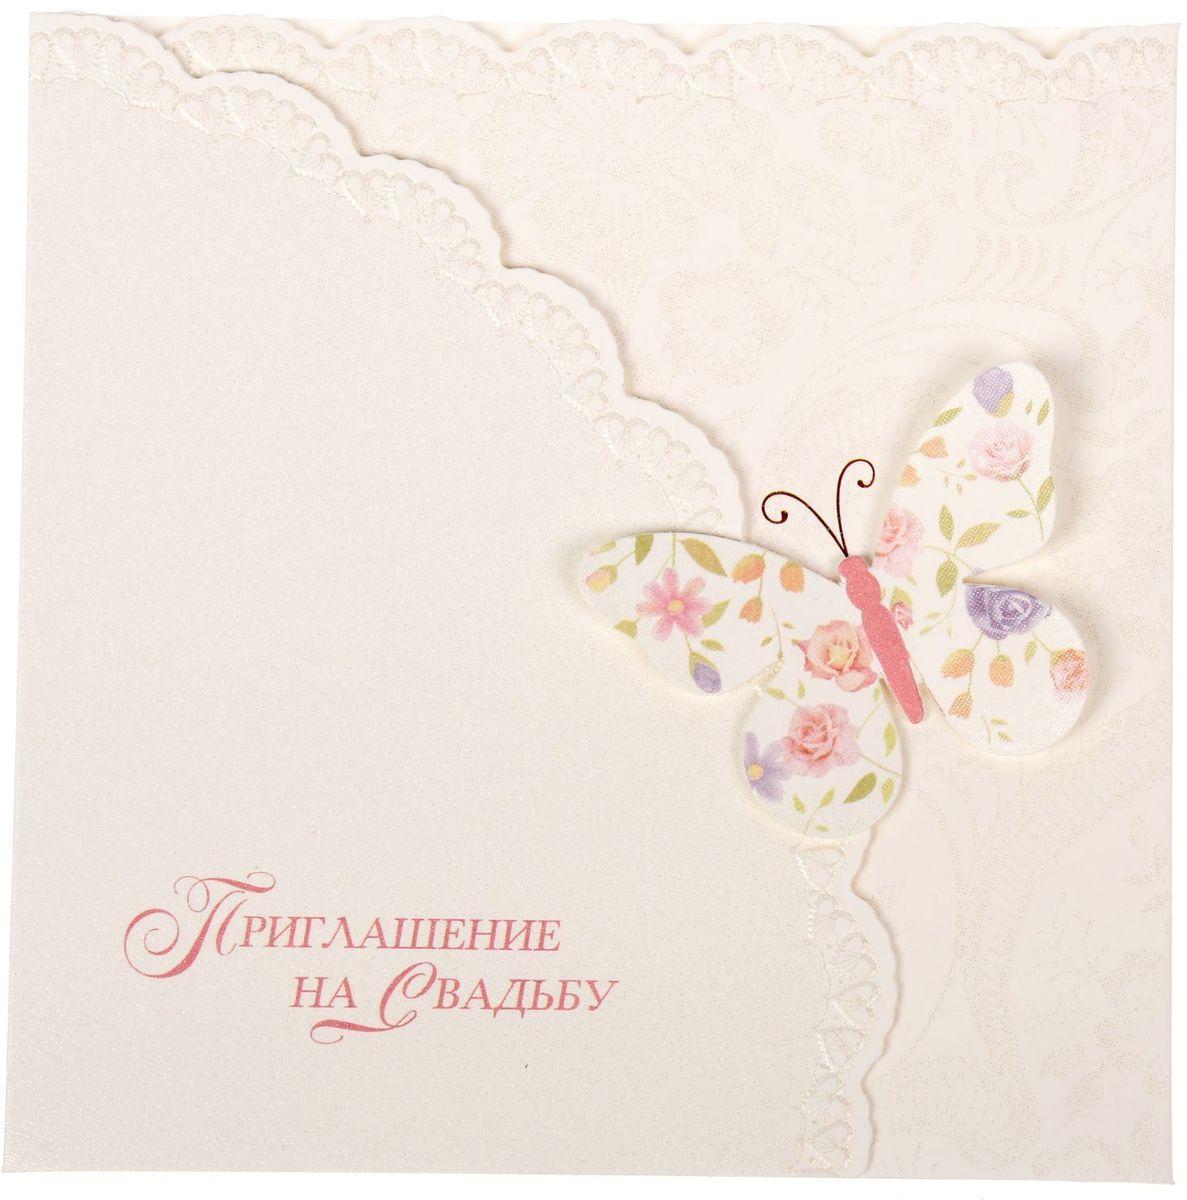 Приглашение на свадьбу Разделите с нами счастье!, 14 х 14 см приглашение на свадьбу мир открыток лебеди